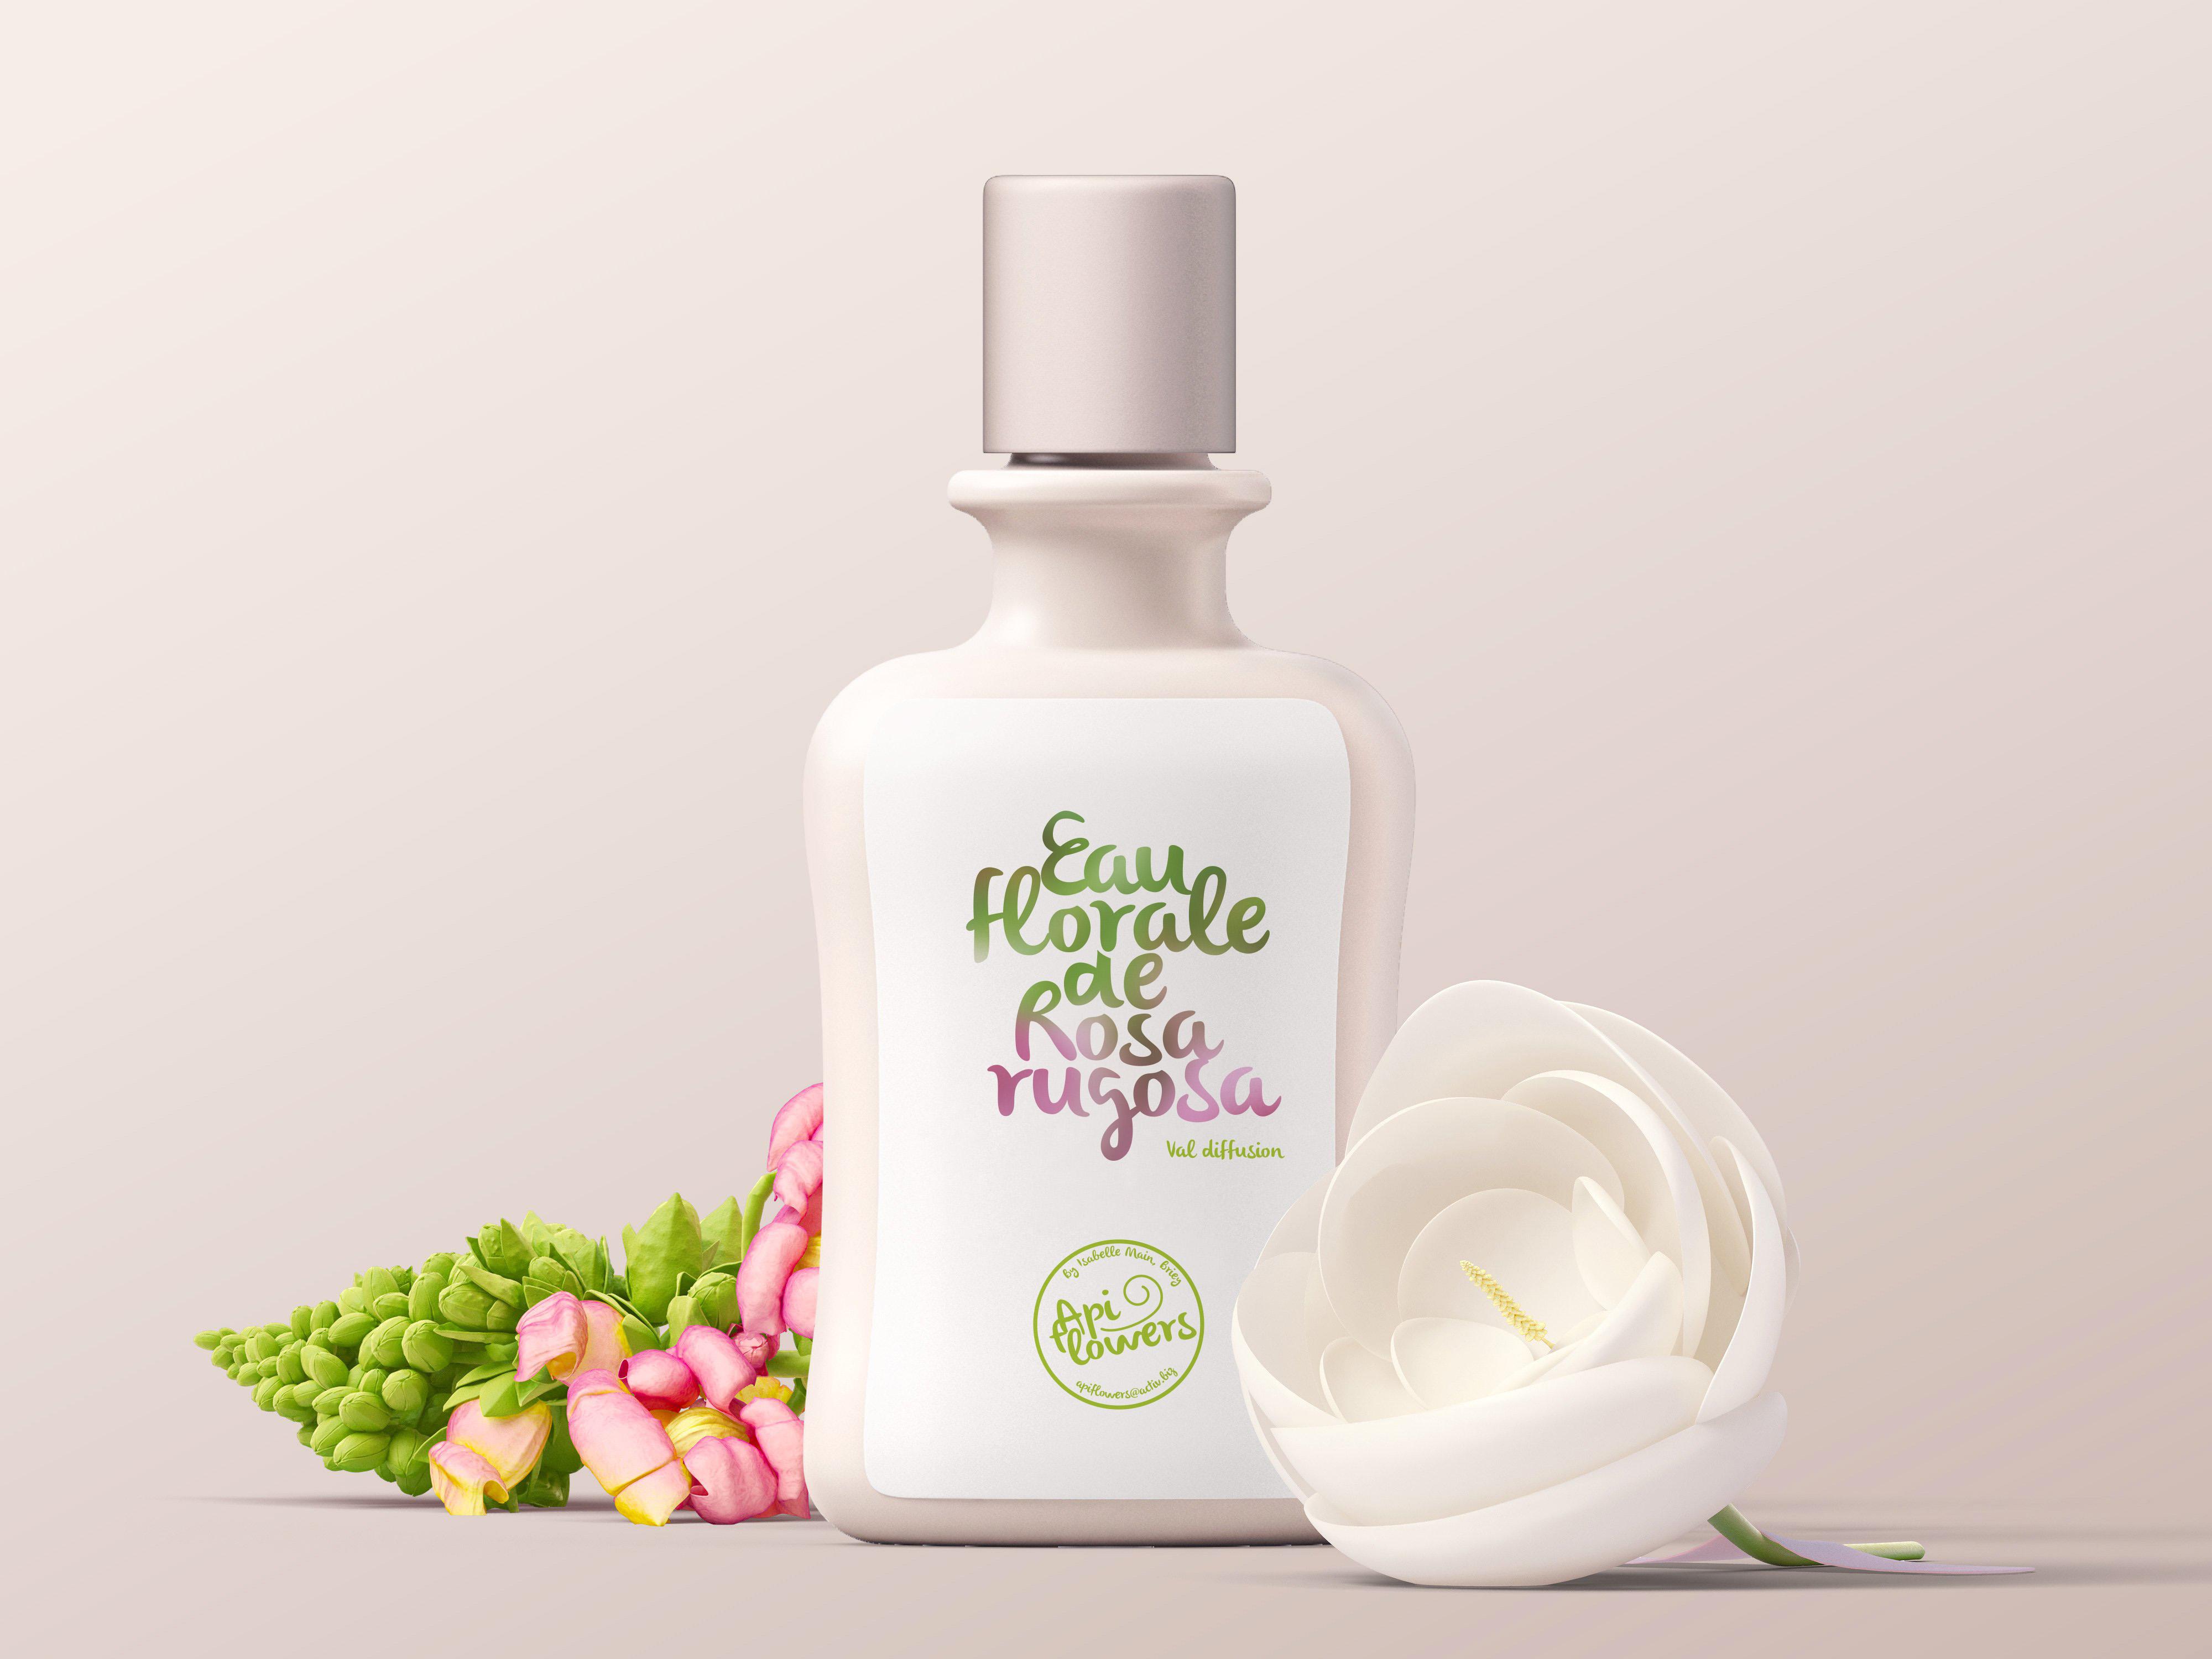 Packaging pour l'eau florale de Rosa Rugosa